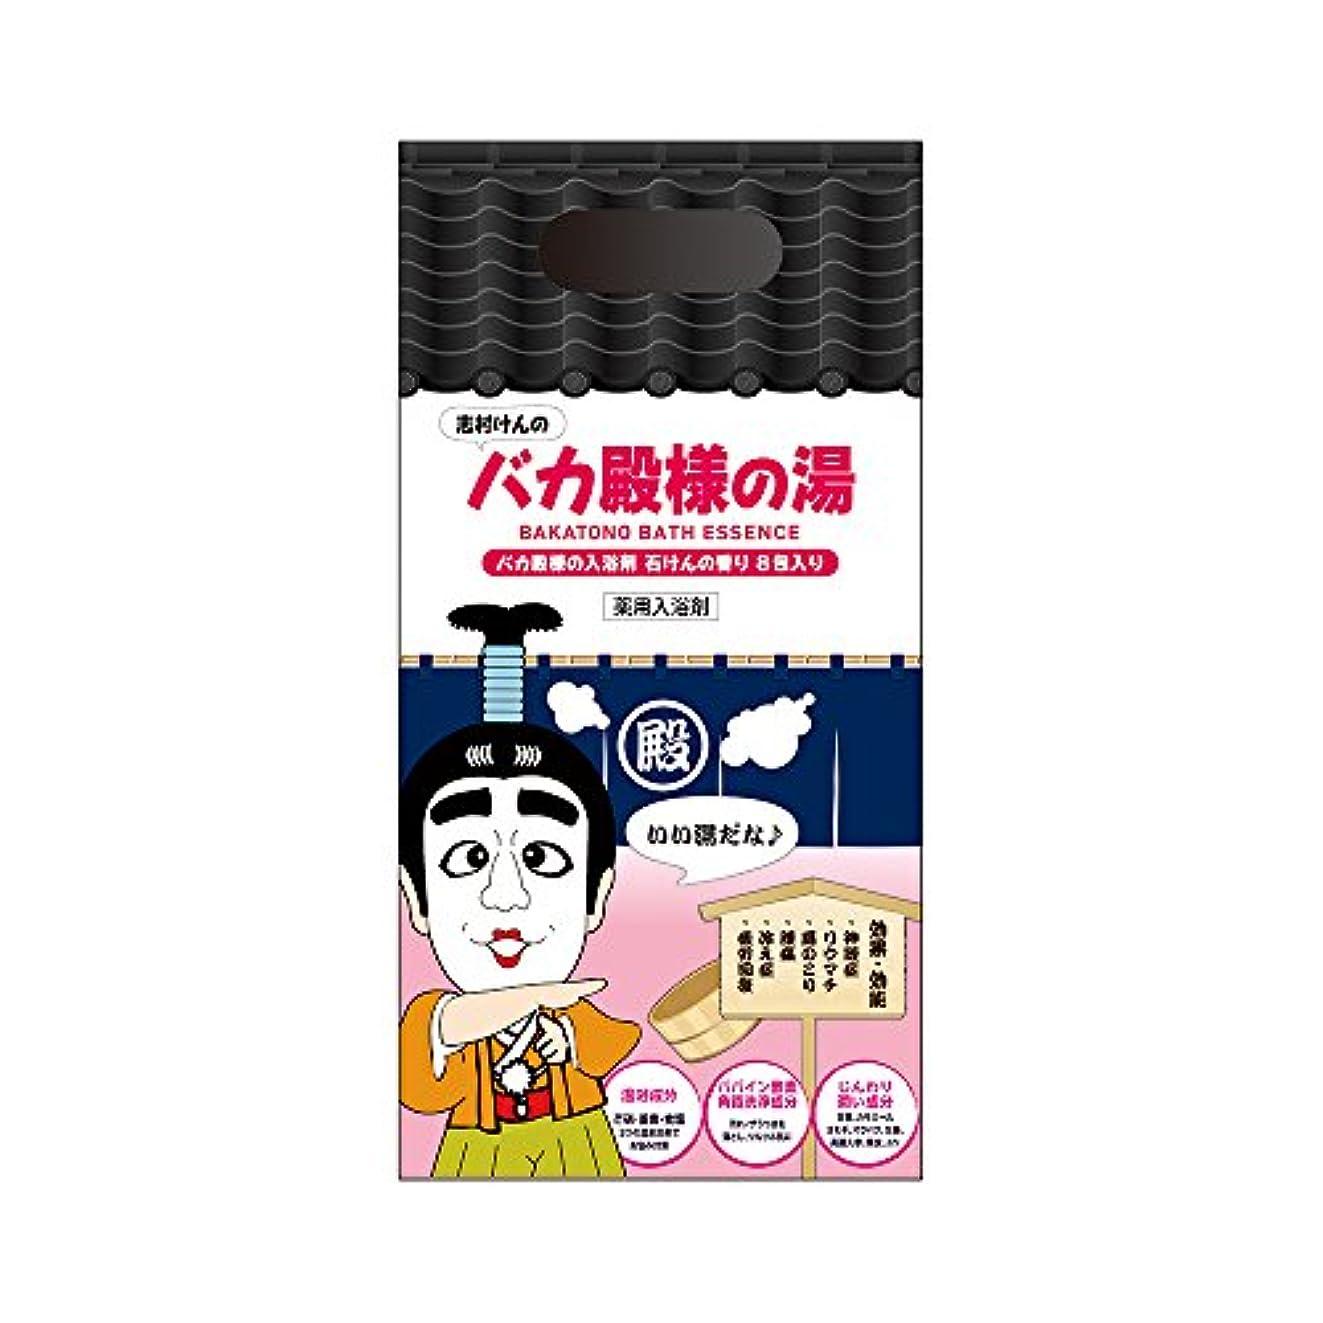 気分が良いイベント材料志村けんのバカ殿様の湯 バカ殿様の入浴剤 石けんの香り (25g × 8包入り)